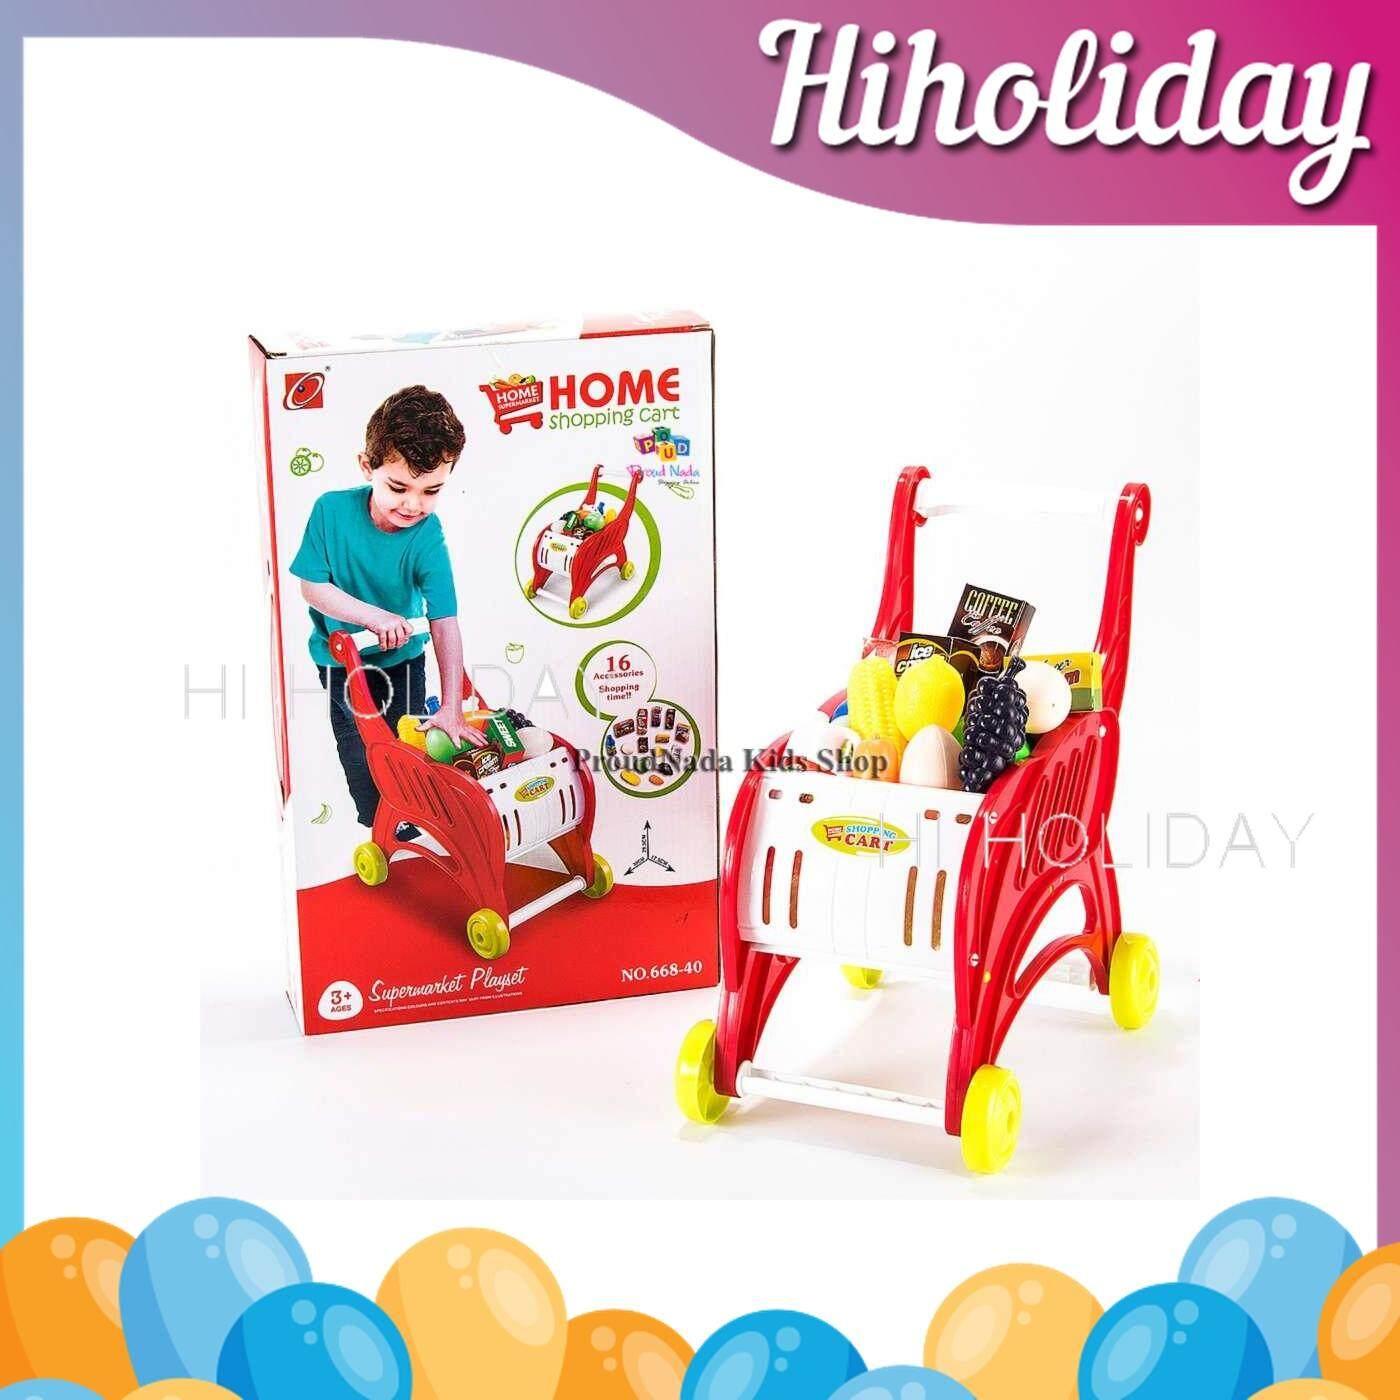 [[จัดส่งฟรี]]ของเล่นเด็กชุดรถเข็นซุปเปอร์มาเก็ต(สีแดง) Home Shopping Cart No.668-40 ของเล่นเสริมทักษะ ไม่เป็นอันตราย ฝึกสมอง ให้เด็กหัดเรียนรู้ มีคุณภาพ ราคาถูกที่สุด By Hiholiday.